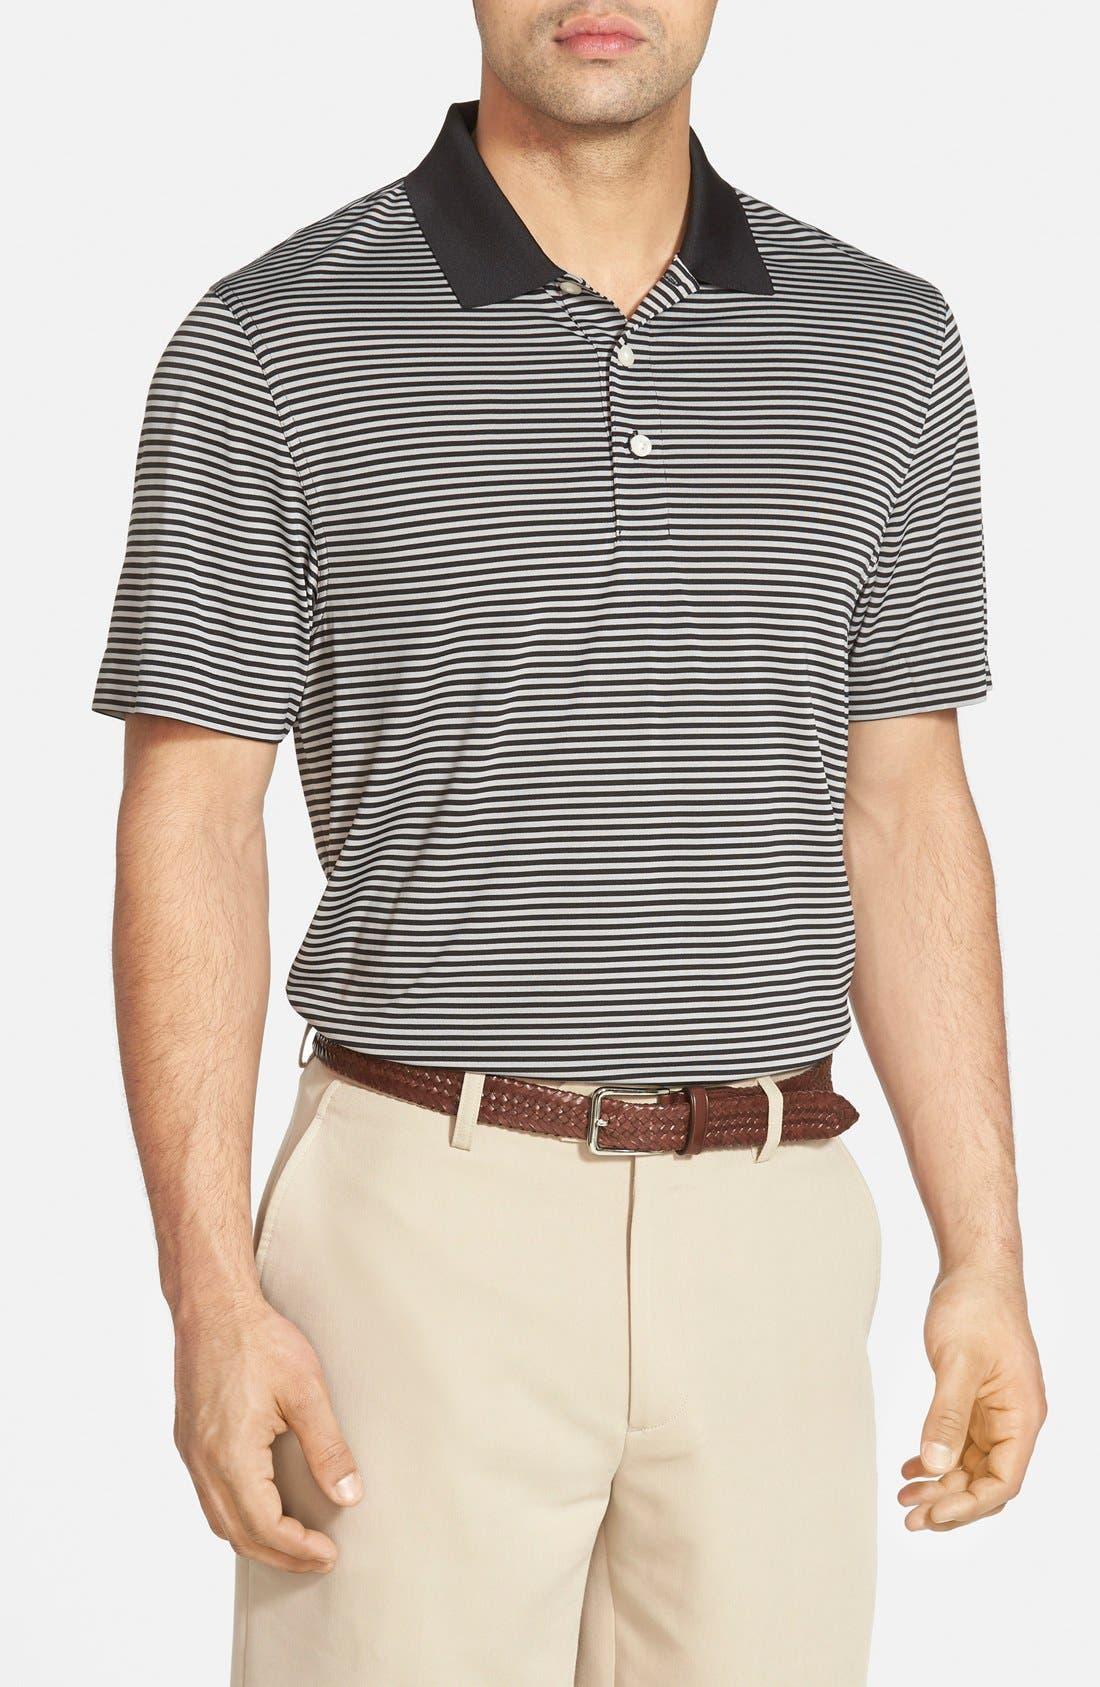 Alternate Image 1 Selected - Cutter & Buck 'Trevor' Stripe DryTec Polo (Regular & Big)